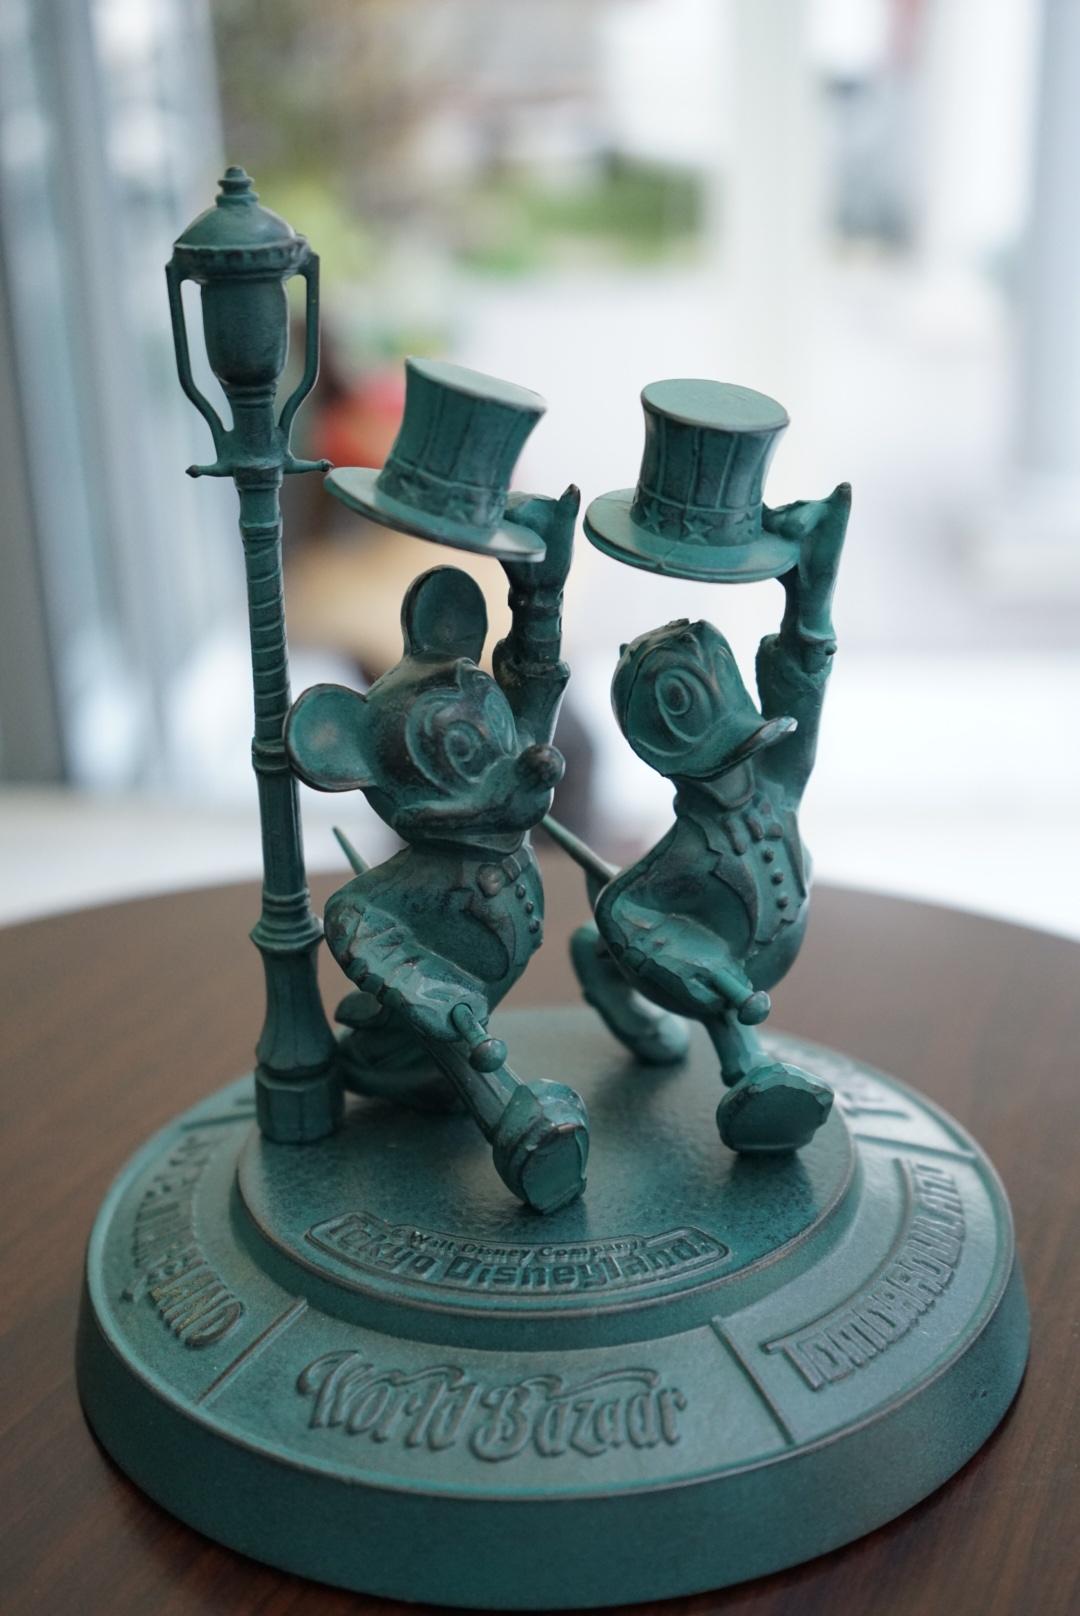 東京ディズニーランド 青銅ブロンズ像4